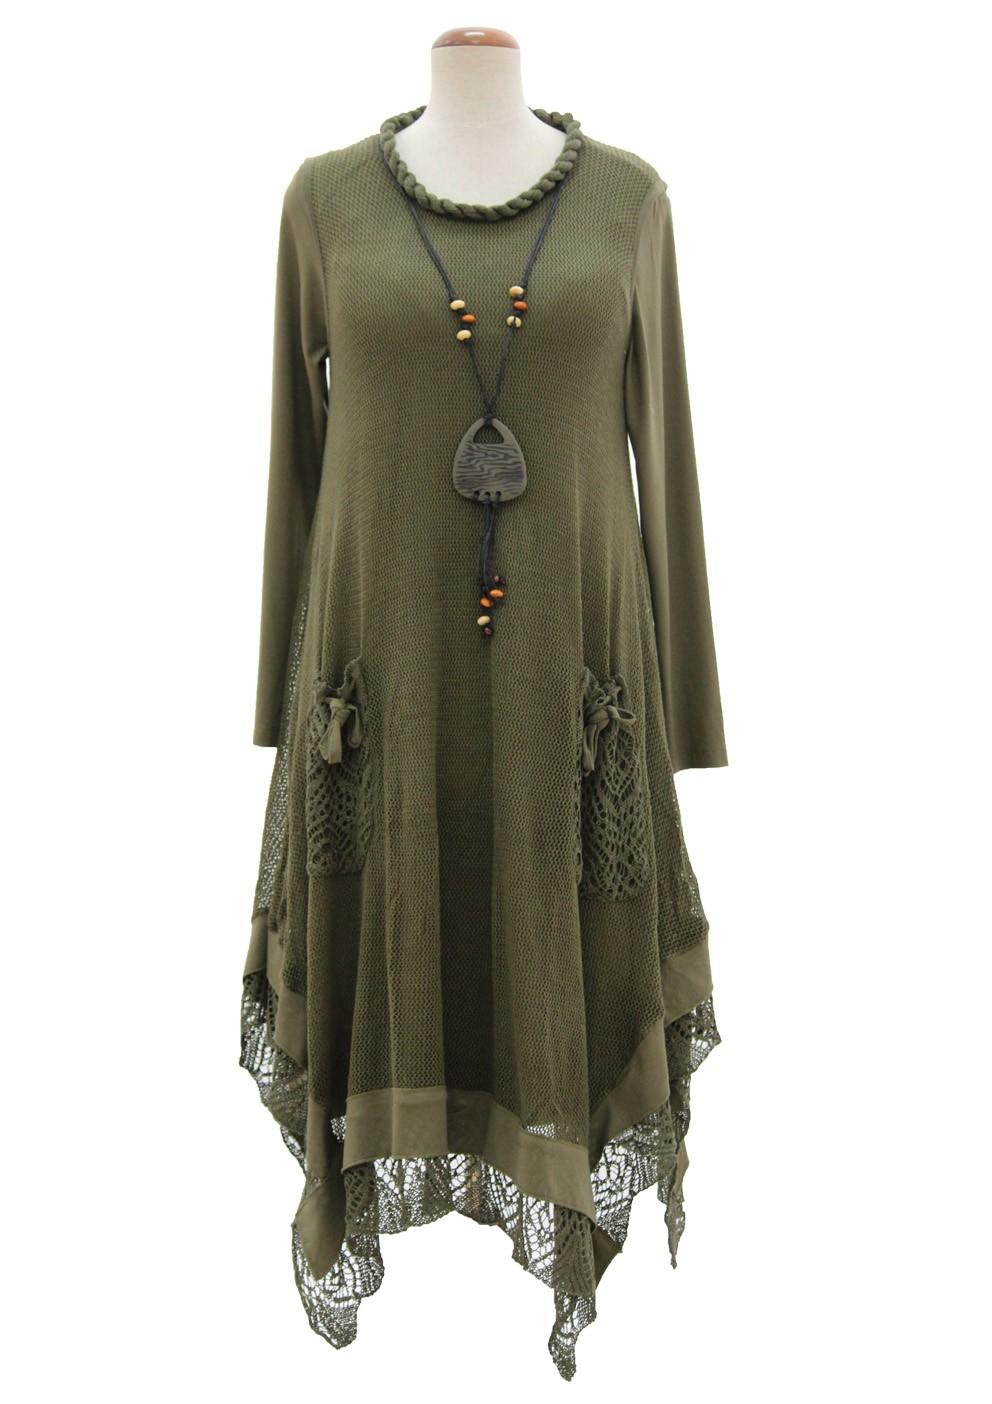 rochie-tricotata-asimetrica-cu-maneca-lunga-kaki-r270003-fata-992x1404